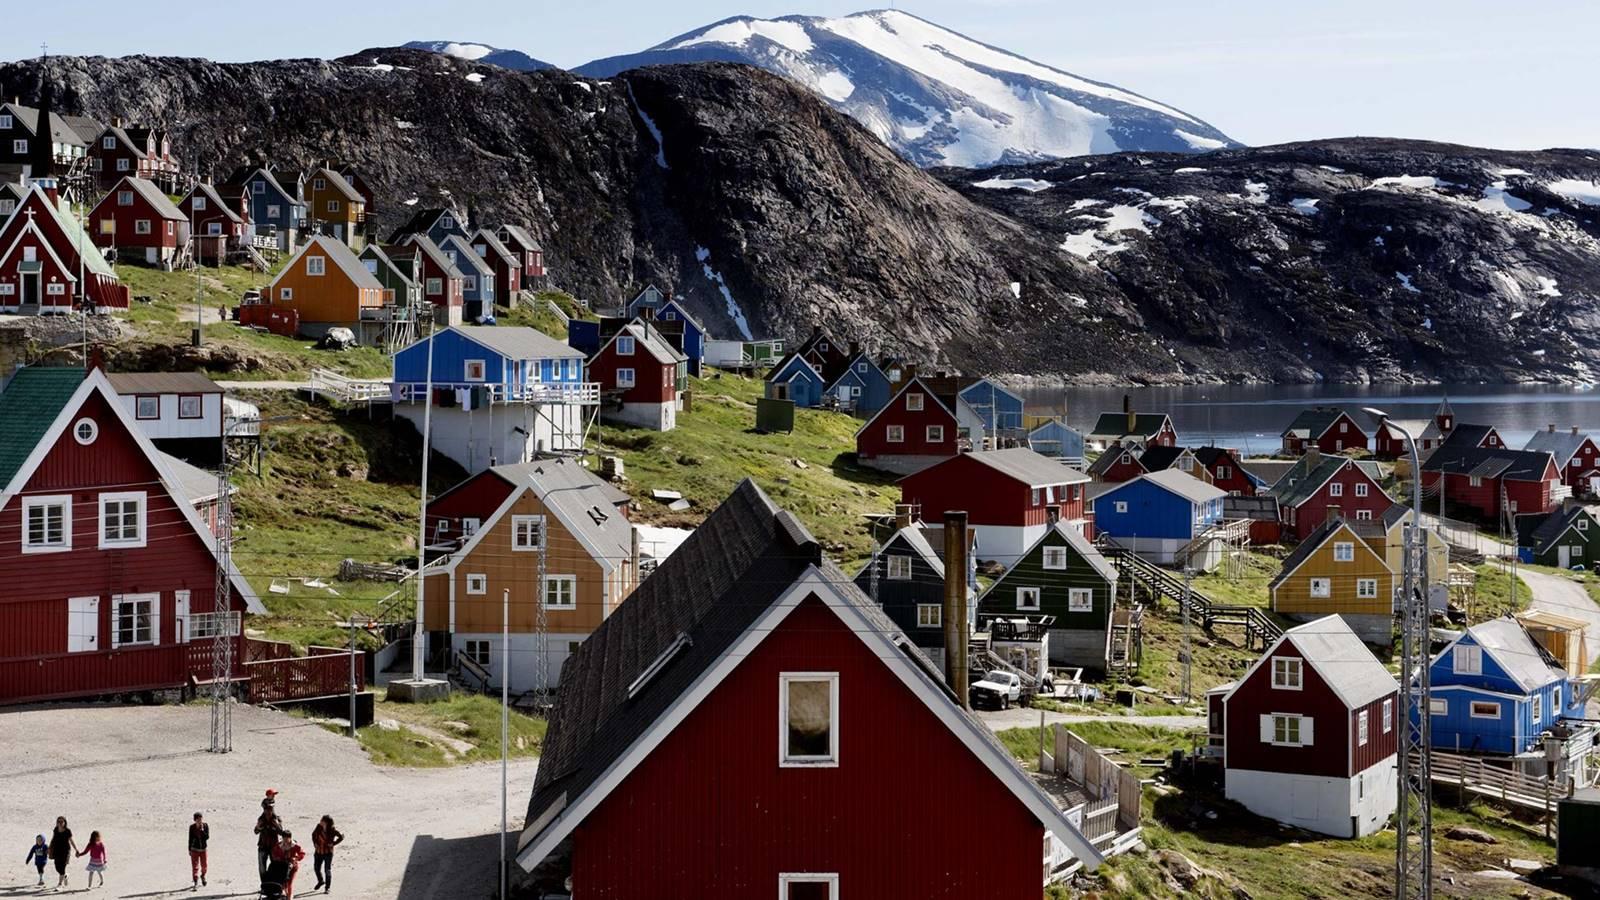 Trump confirma interés por comprar Groenlandia; es absurdo, dice líder danesa